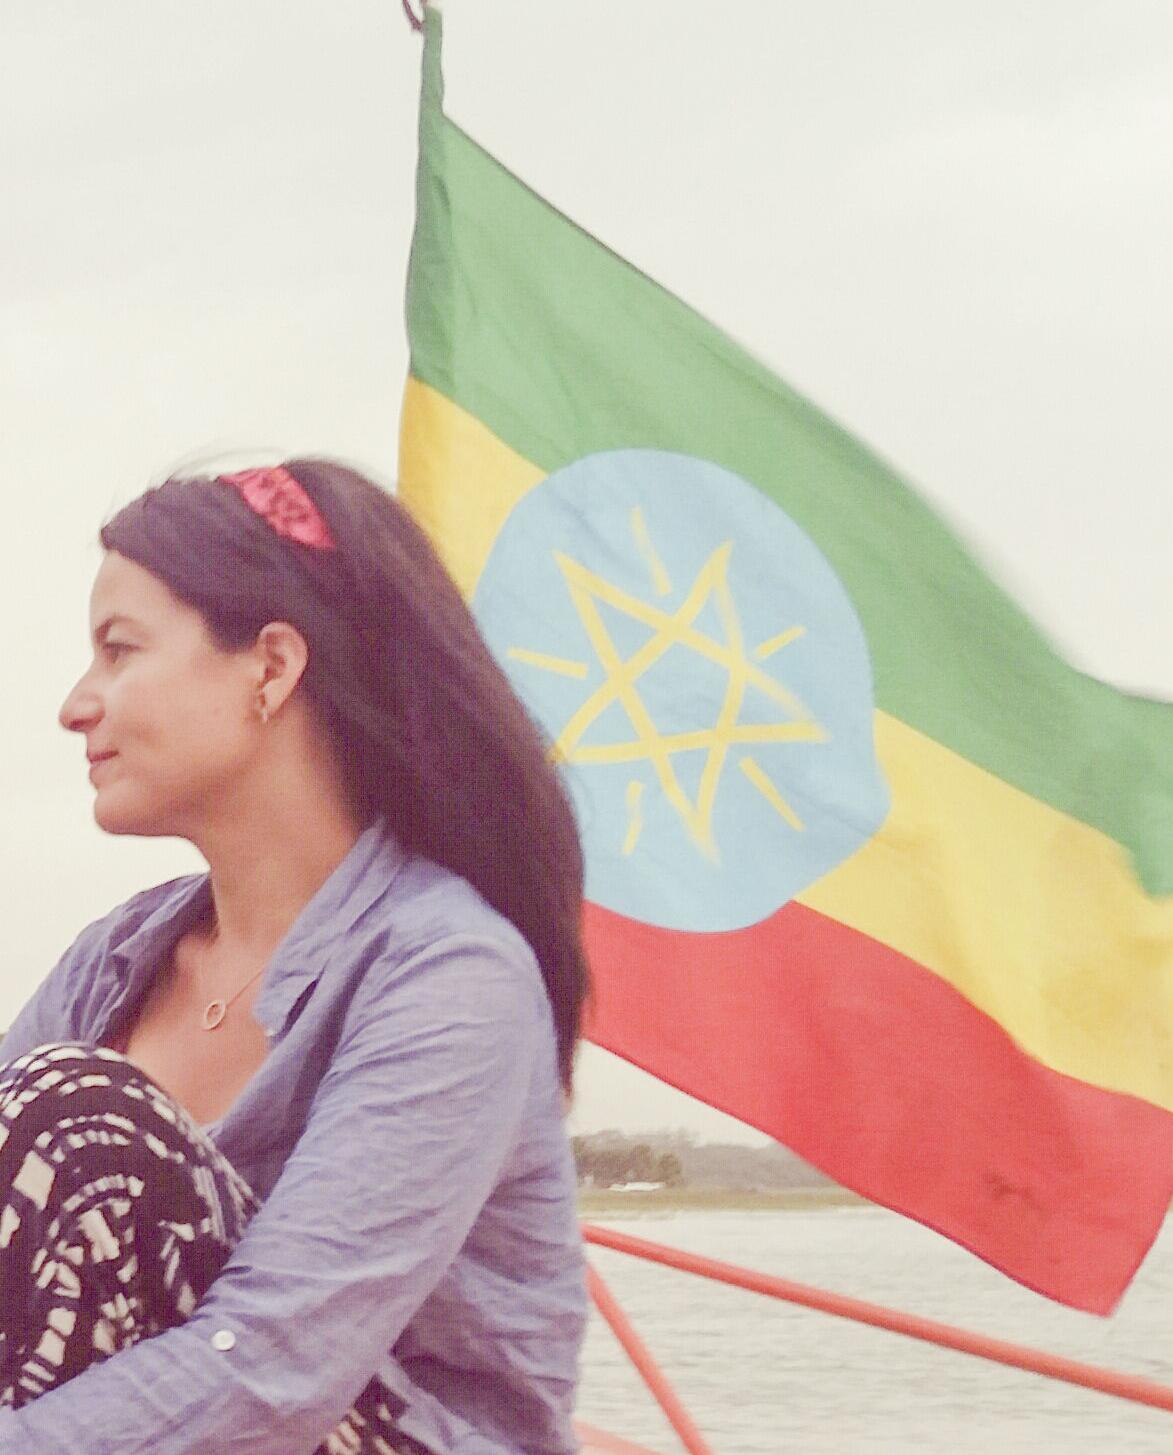 PeaceCorps_SabaAlemayehu-1.jpg